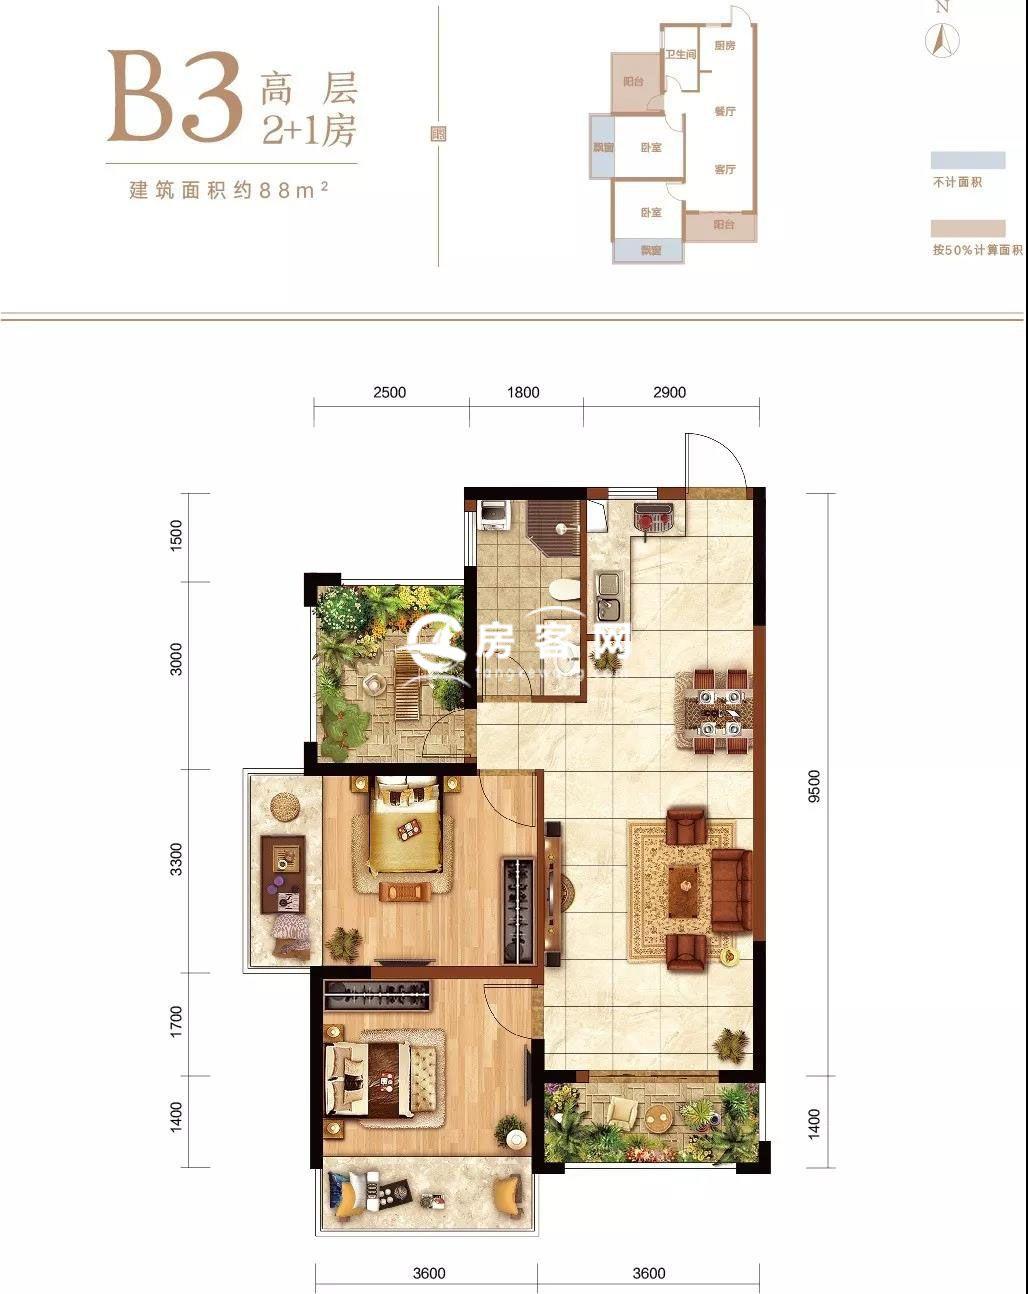 B3高层 2+1房2厅1厨1卫2阳台  建面约88㎡